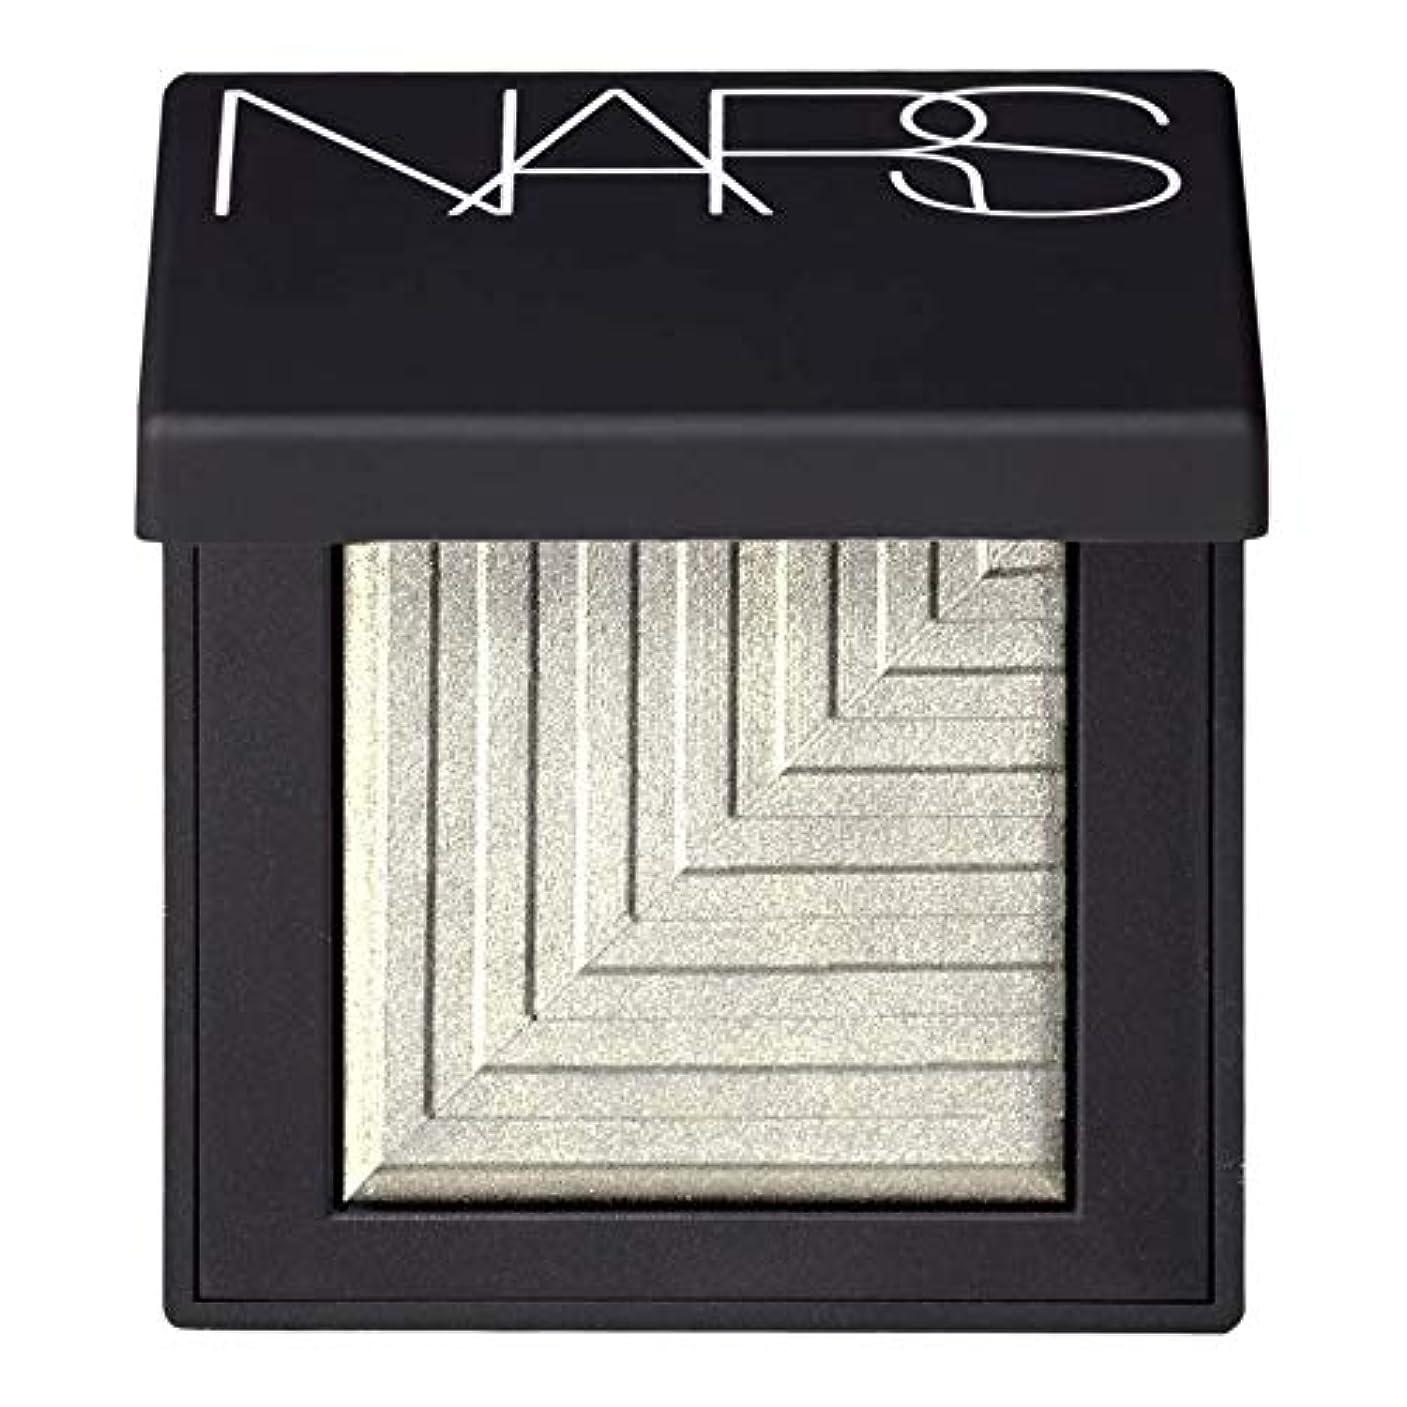 配置君主真面目な[NARS] Narはデュアル強度アイシャドウアンタレス - Nars Dual Intensity Eyeshadow Antares [並行輸入品]